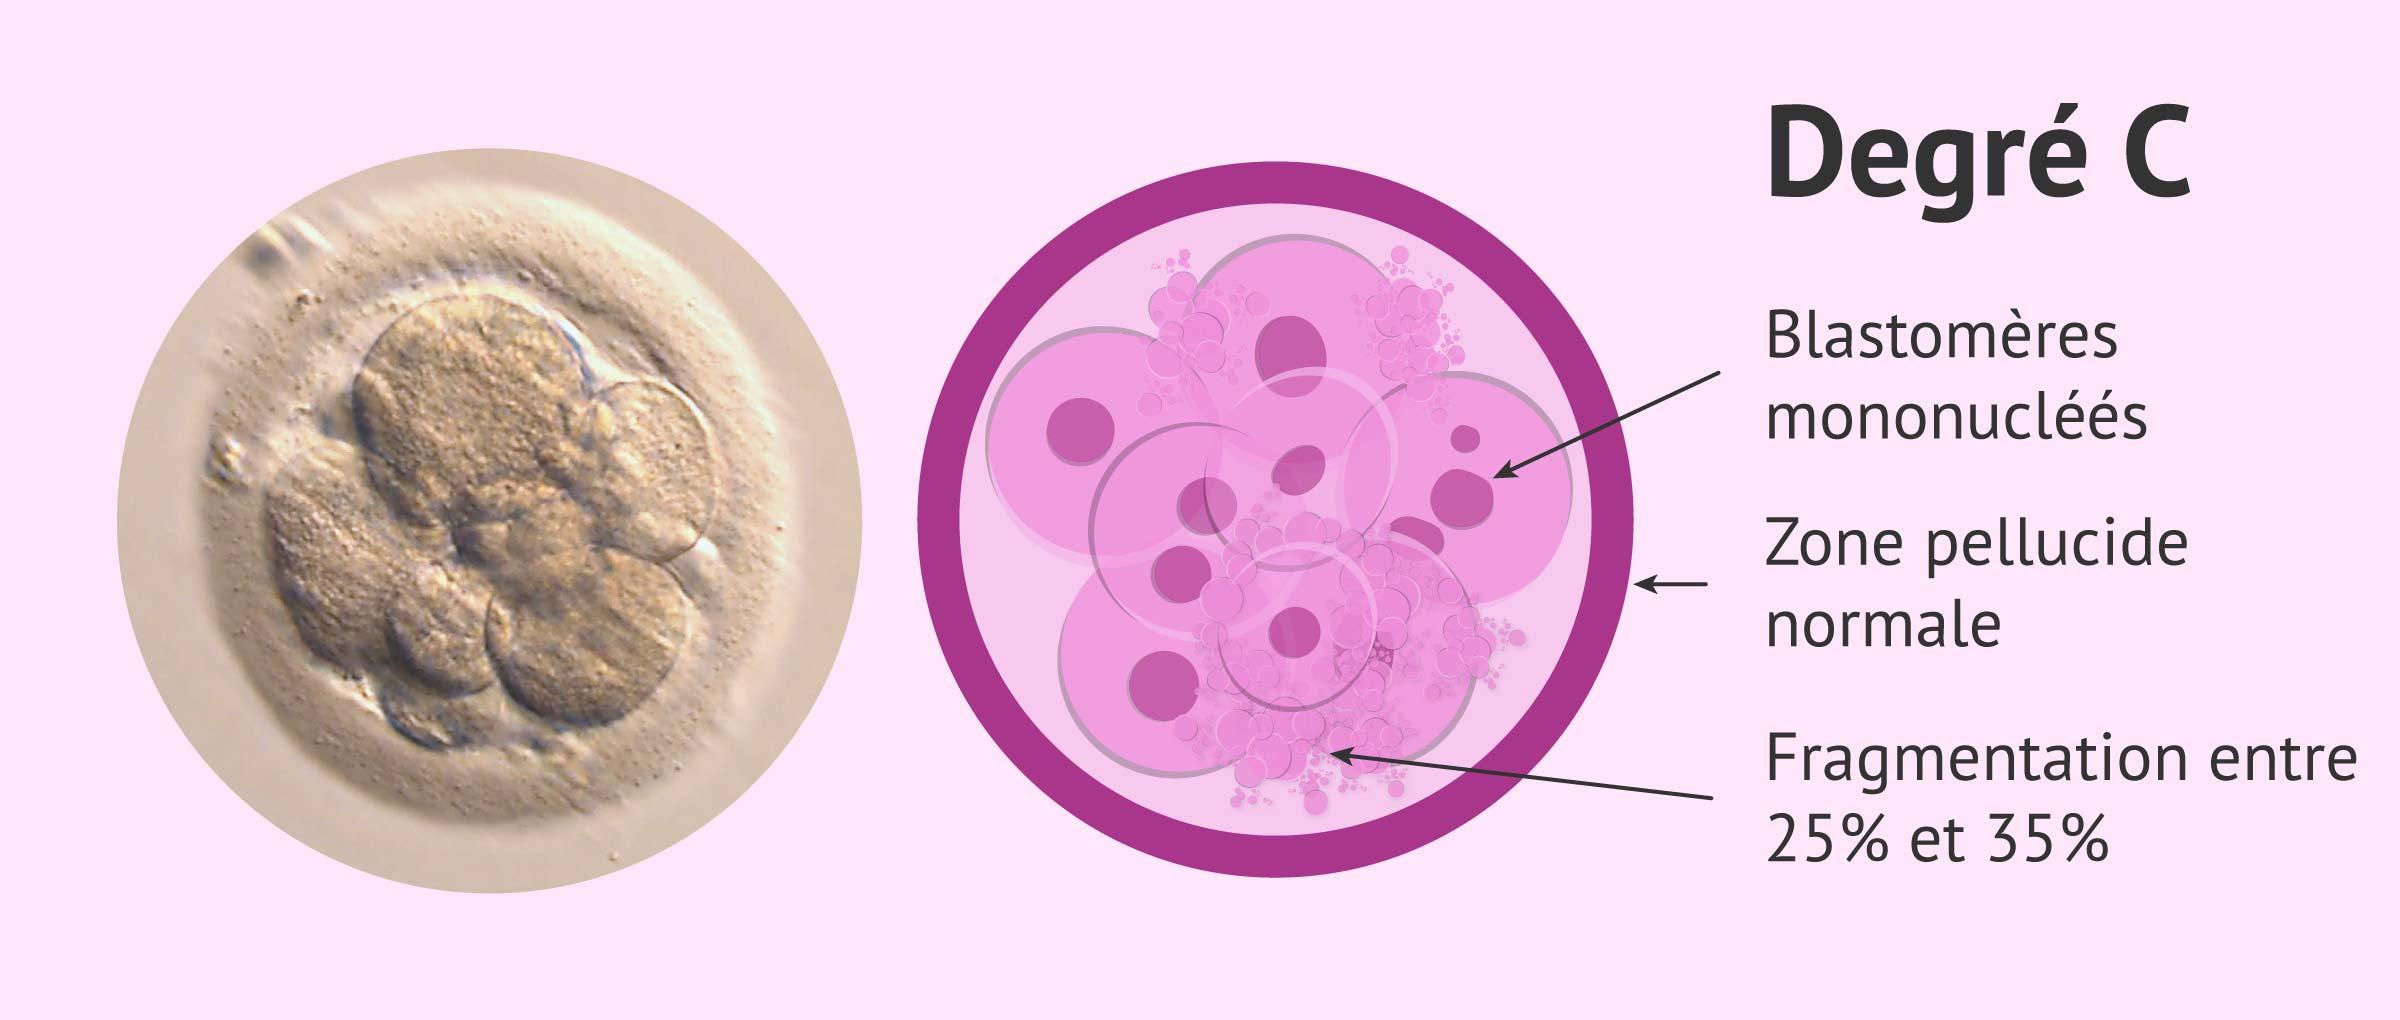 Embryon qualité C